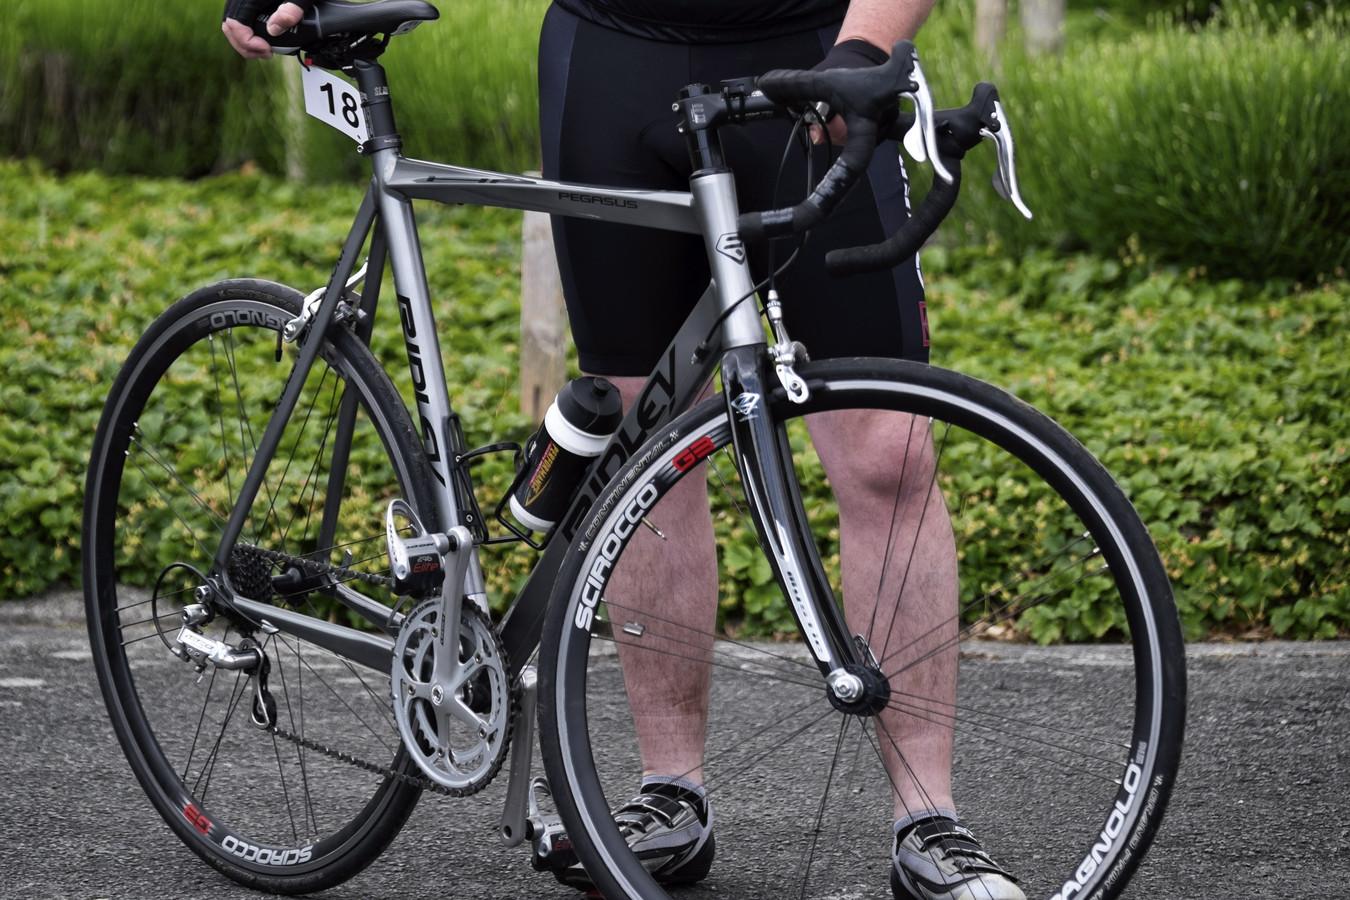 Illustratiebeeld: de fiets en wielertoerist op de foto hebben niks te maken met de aanrijding